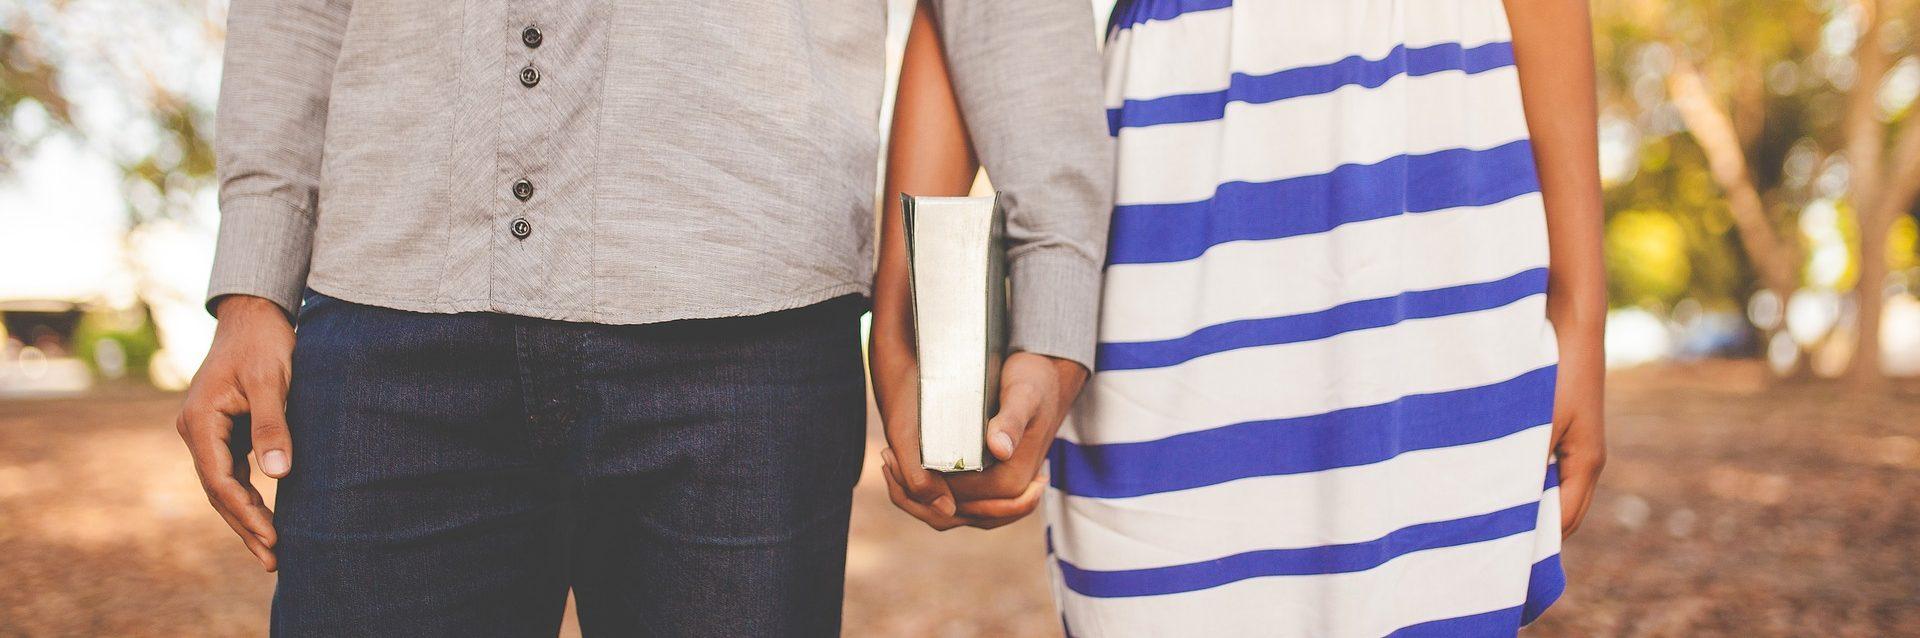 Relaciones es un relato de Miguel Rodríguez Echeandía que trata sobre un tipo de relación muy especial y peligroso para las personas.